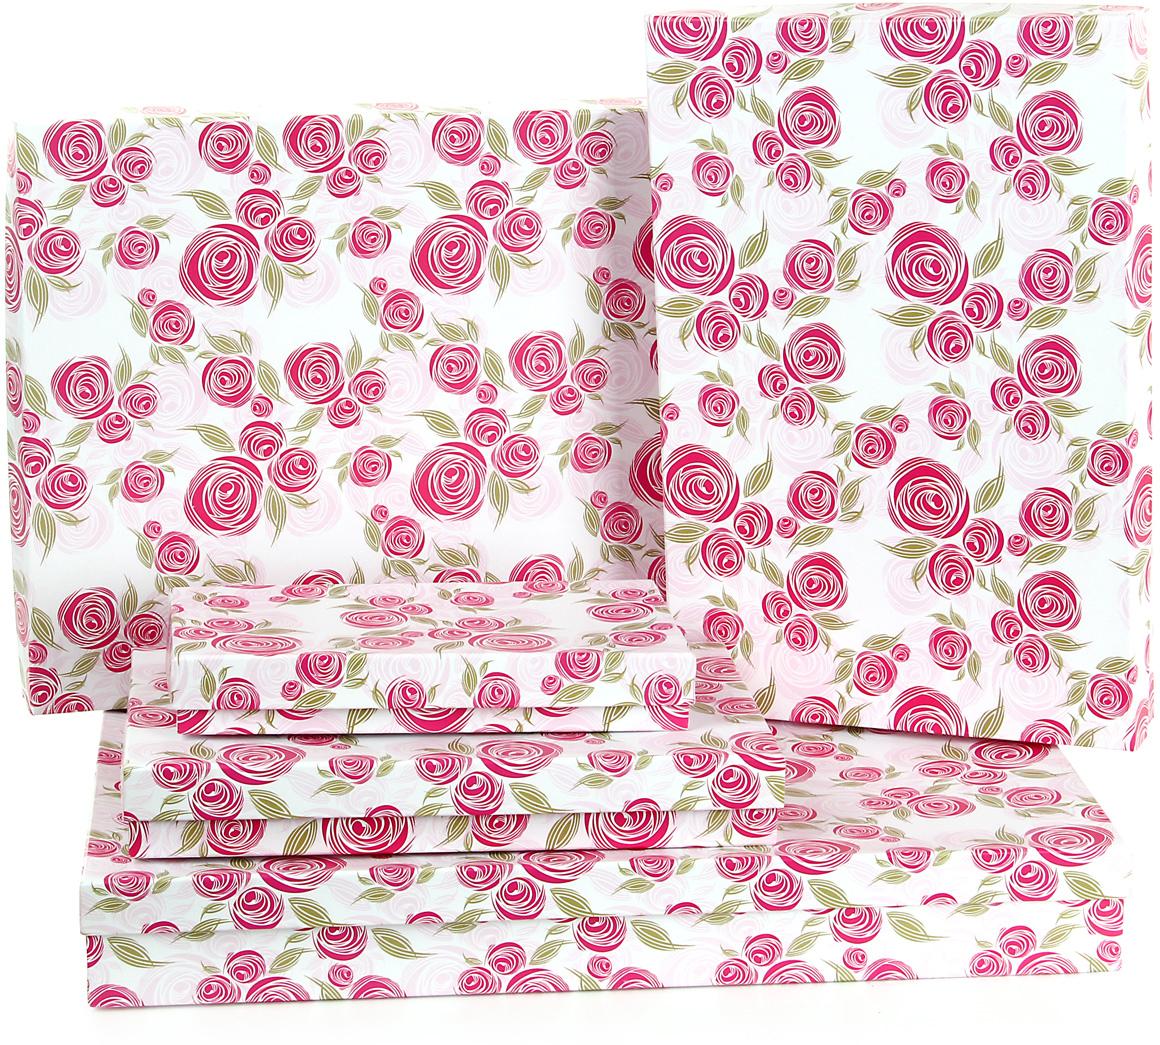 Набор подарочных коробок Veld-Co Розовая графика, 5 шт. 59519 набор подарочных коробок veld co миром правит доброта 15 шт